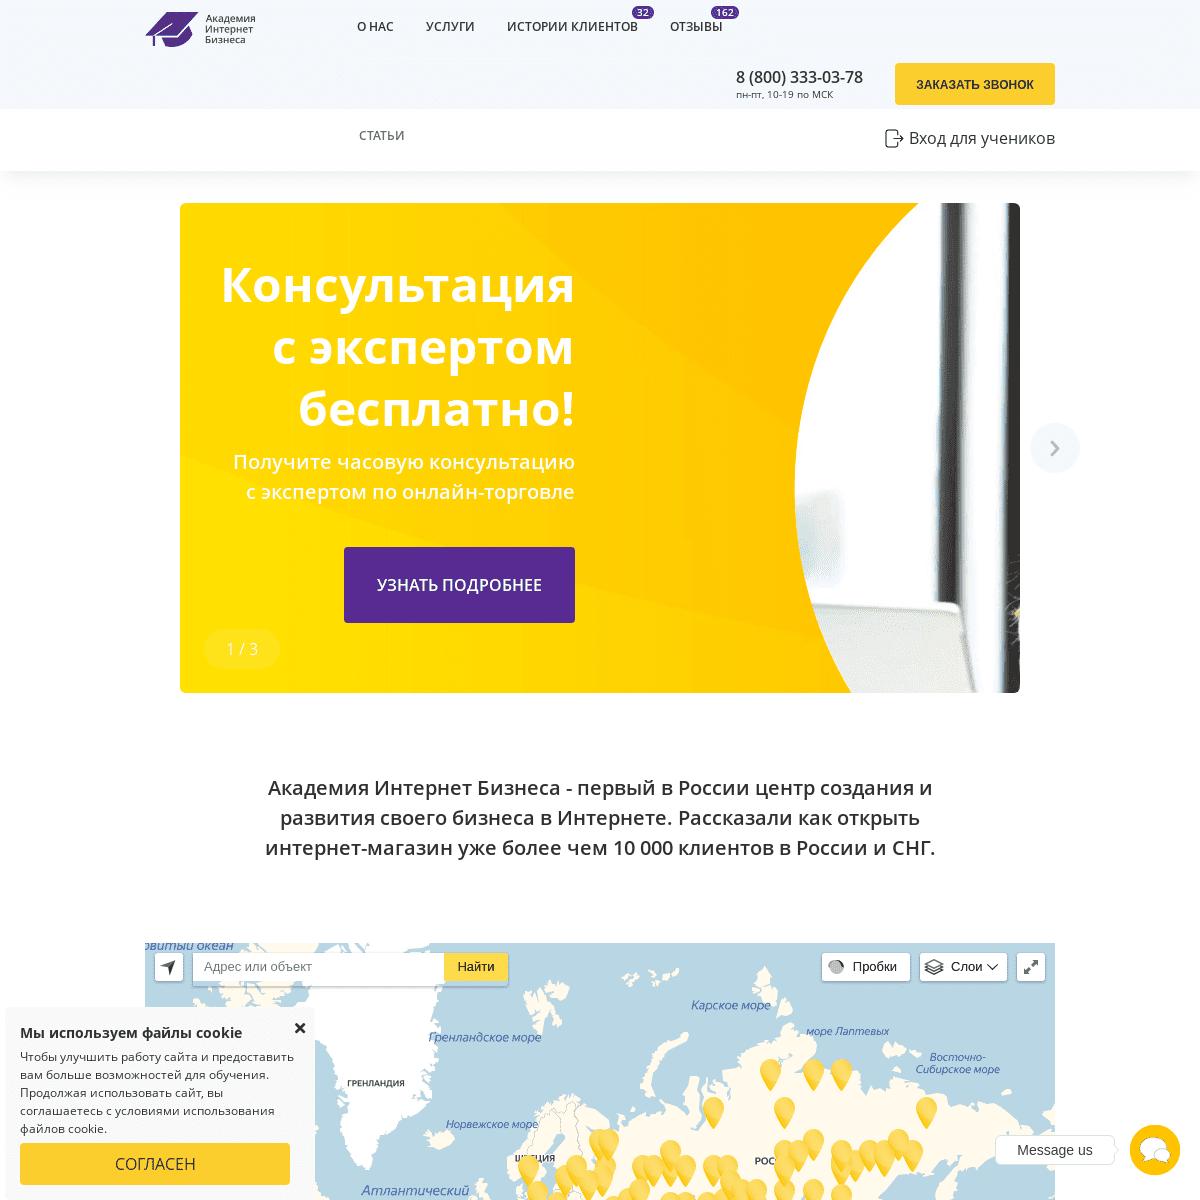 ArchiveBay.com - internet-akademia.ru - Академия Интернет Бизнеса Евгении Беловой, обучение интернет бизнесу